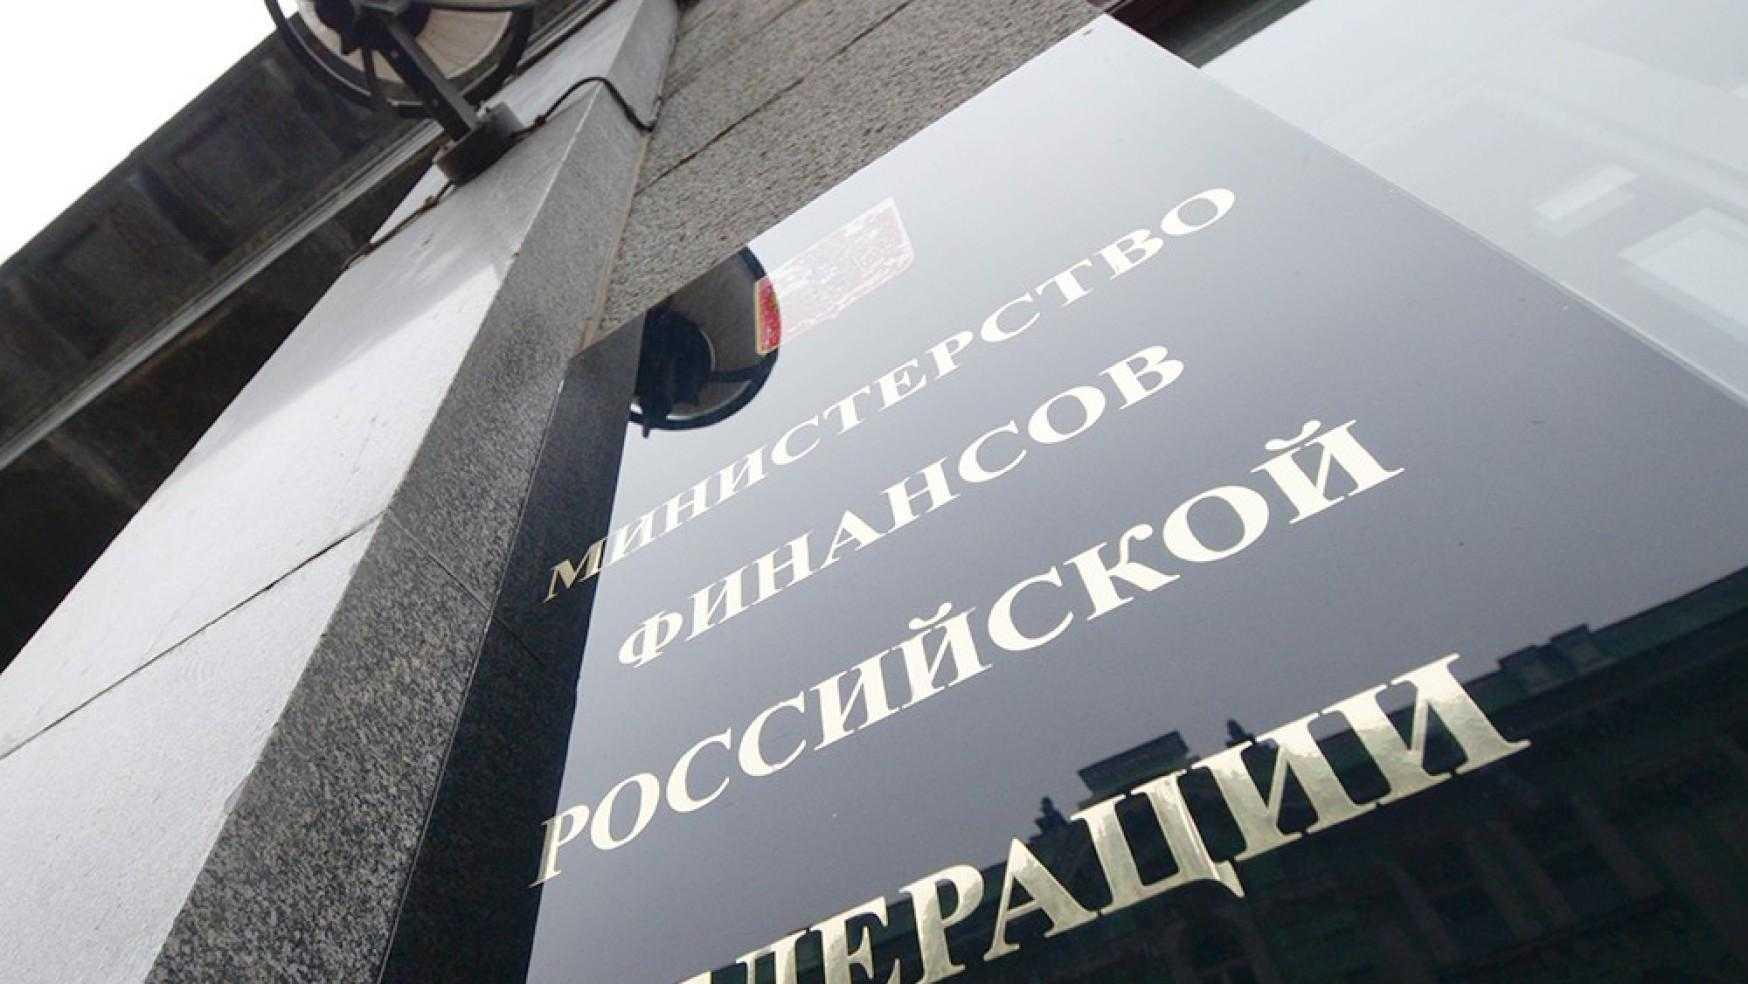 Минфин: нельзя снижать налог по УСН на часть страховых взносов, в размере 1% от оборота свыше 300 тыс. рублей